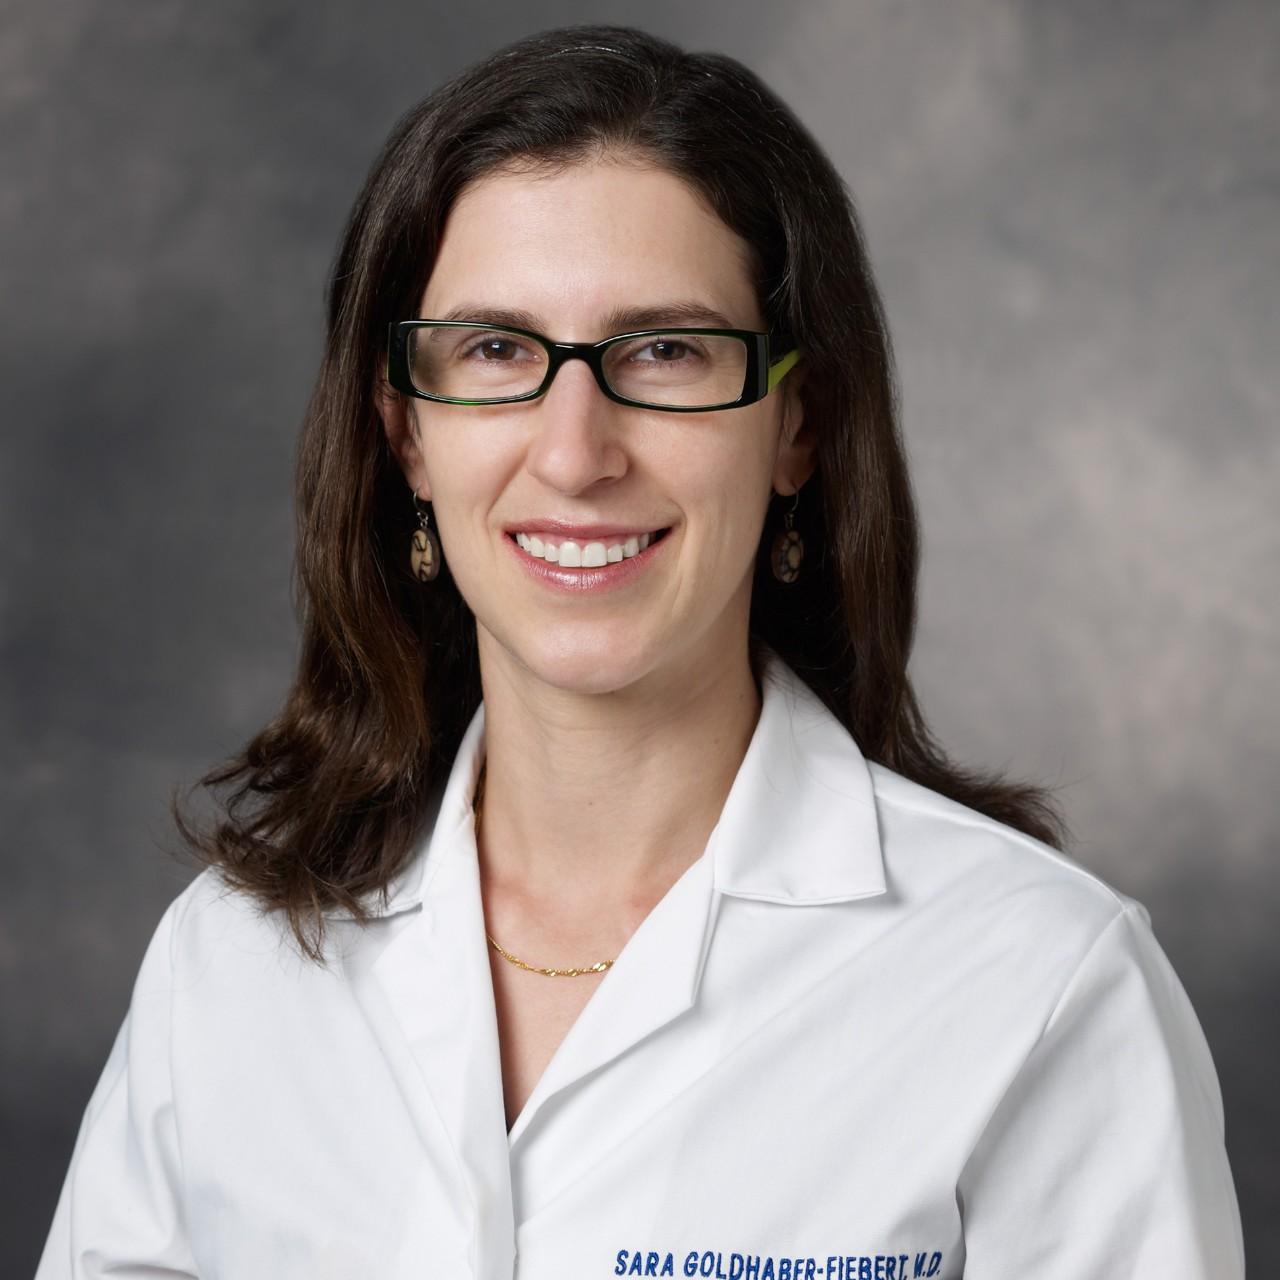 Sara Goldhaber-Fiebert | Stanford Health Care